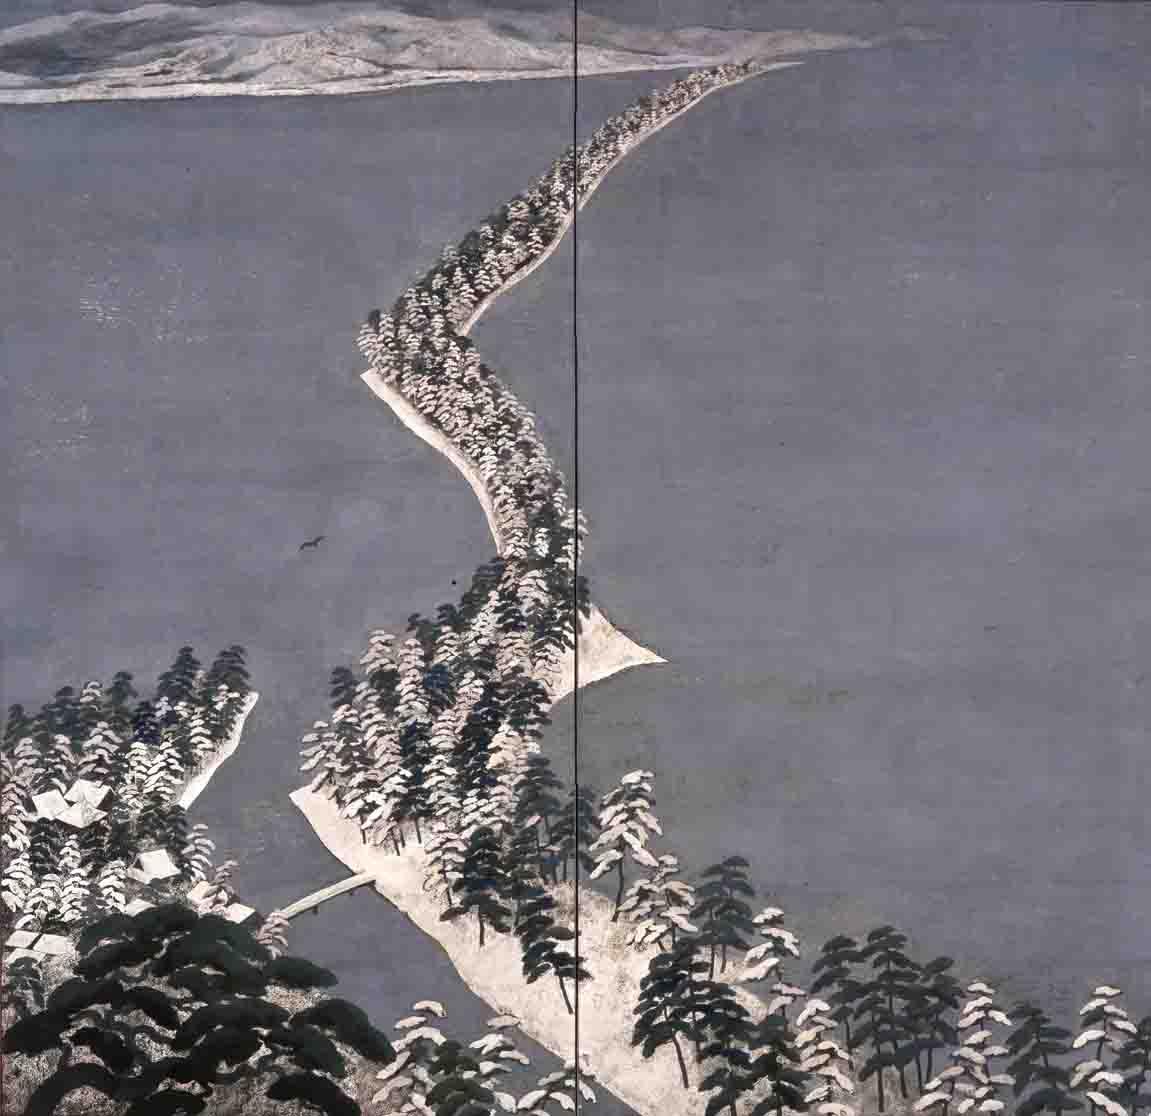 天橋雪後図 1972年 何必館・京都現代美術館蔵